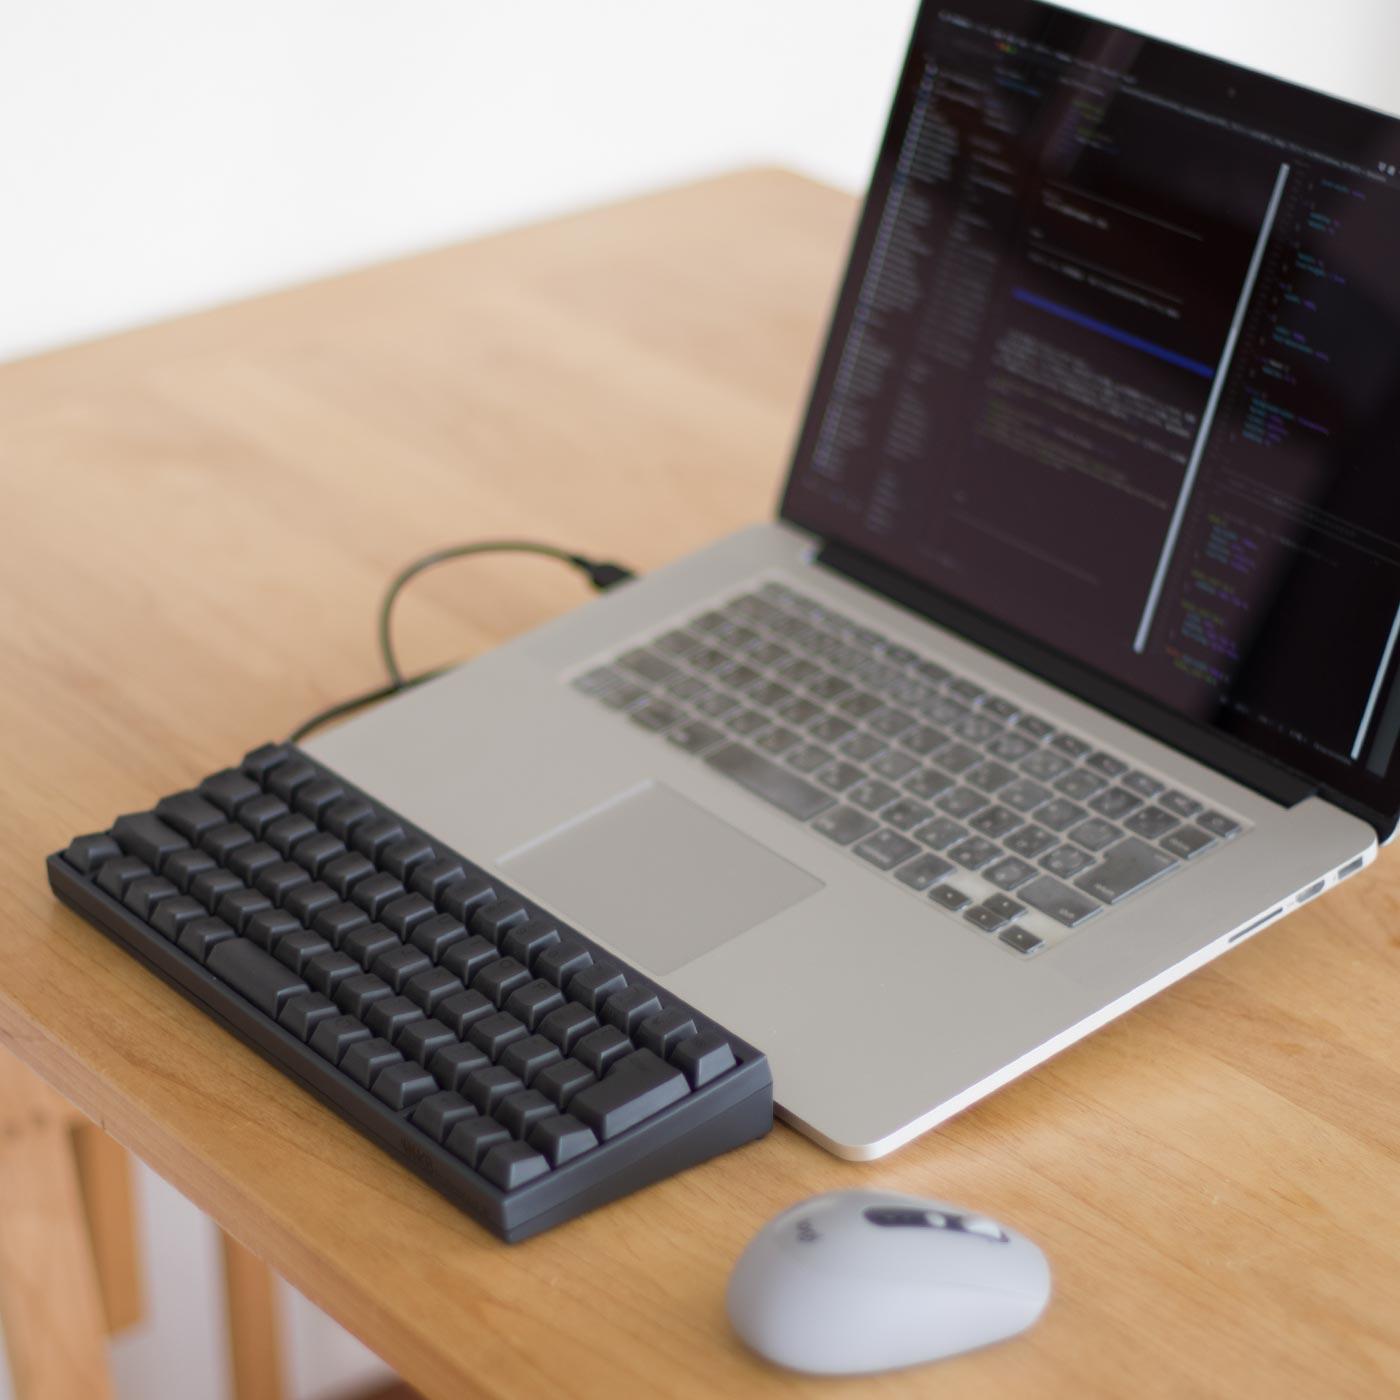 macに合う理想のキーボードは? 薄型〜高級モデルまで購入履歴